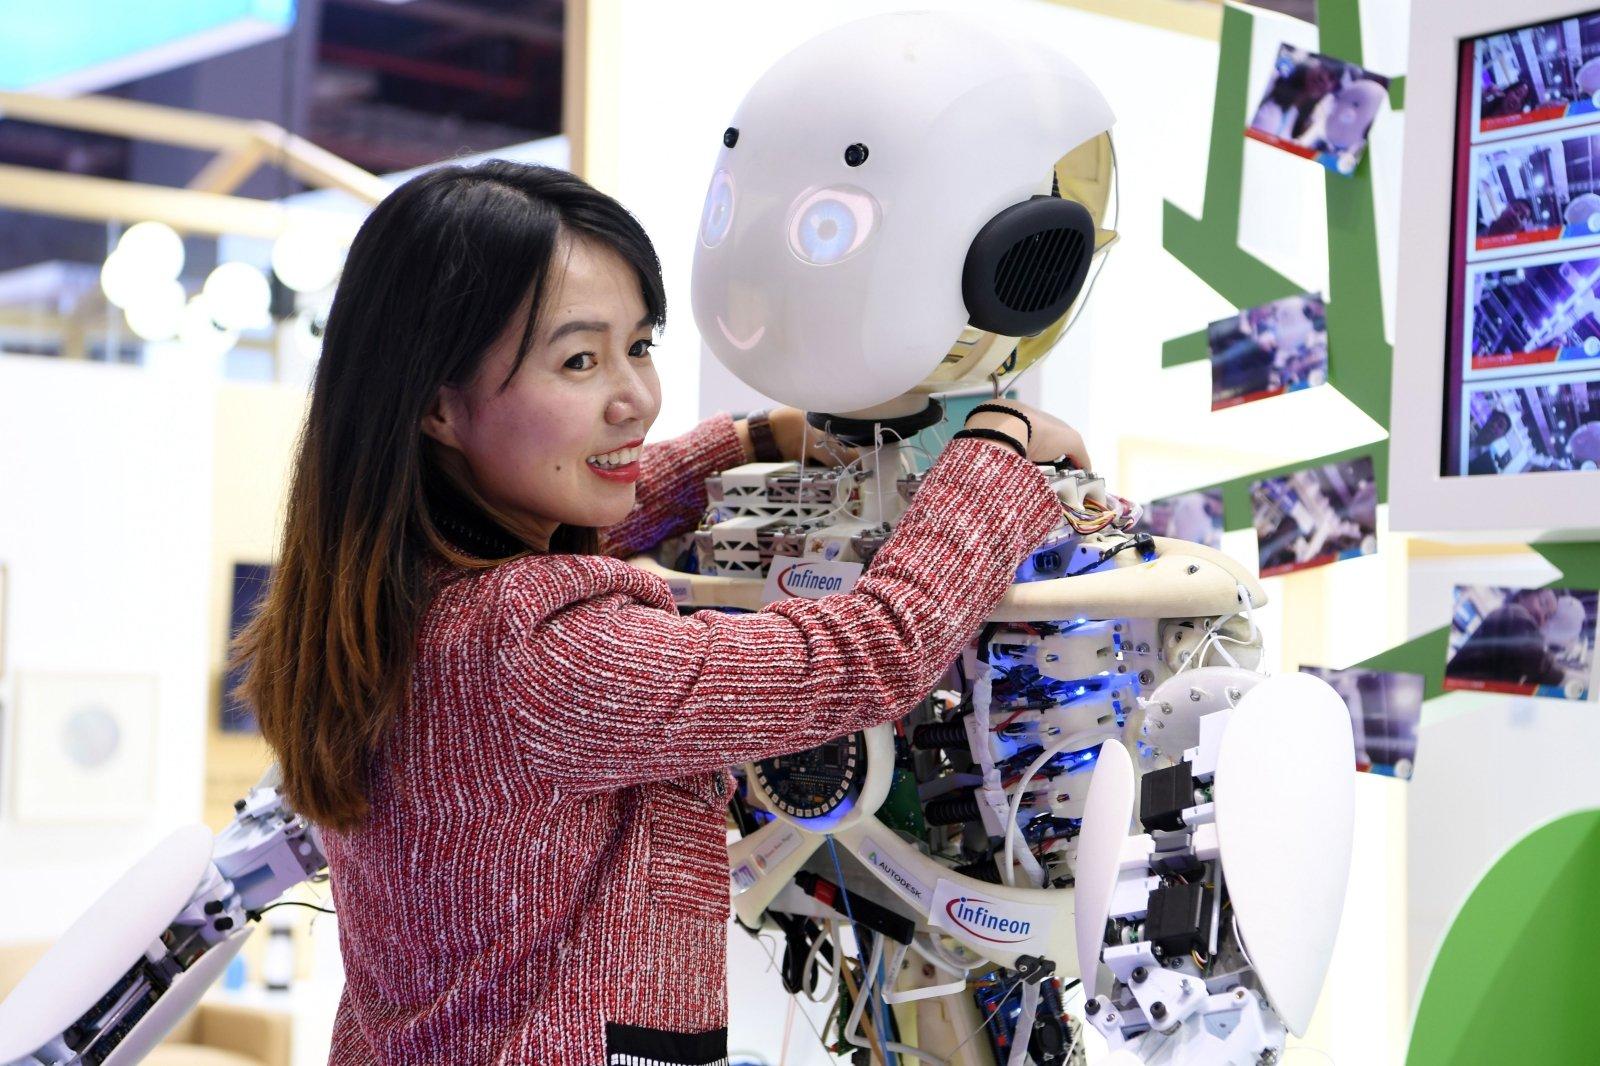 Robotas kopijuoja žmogaus rašyseną (Video) - lgpf.lt